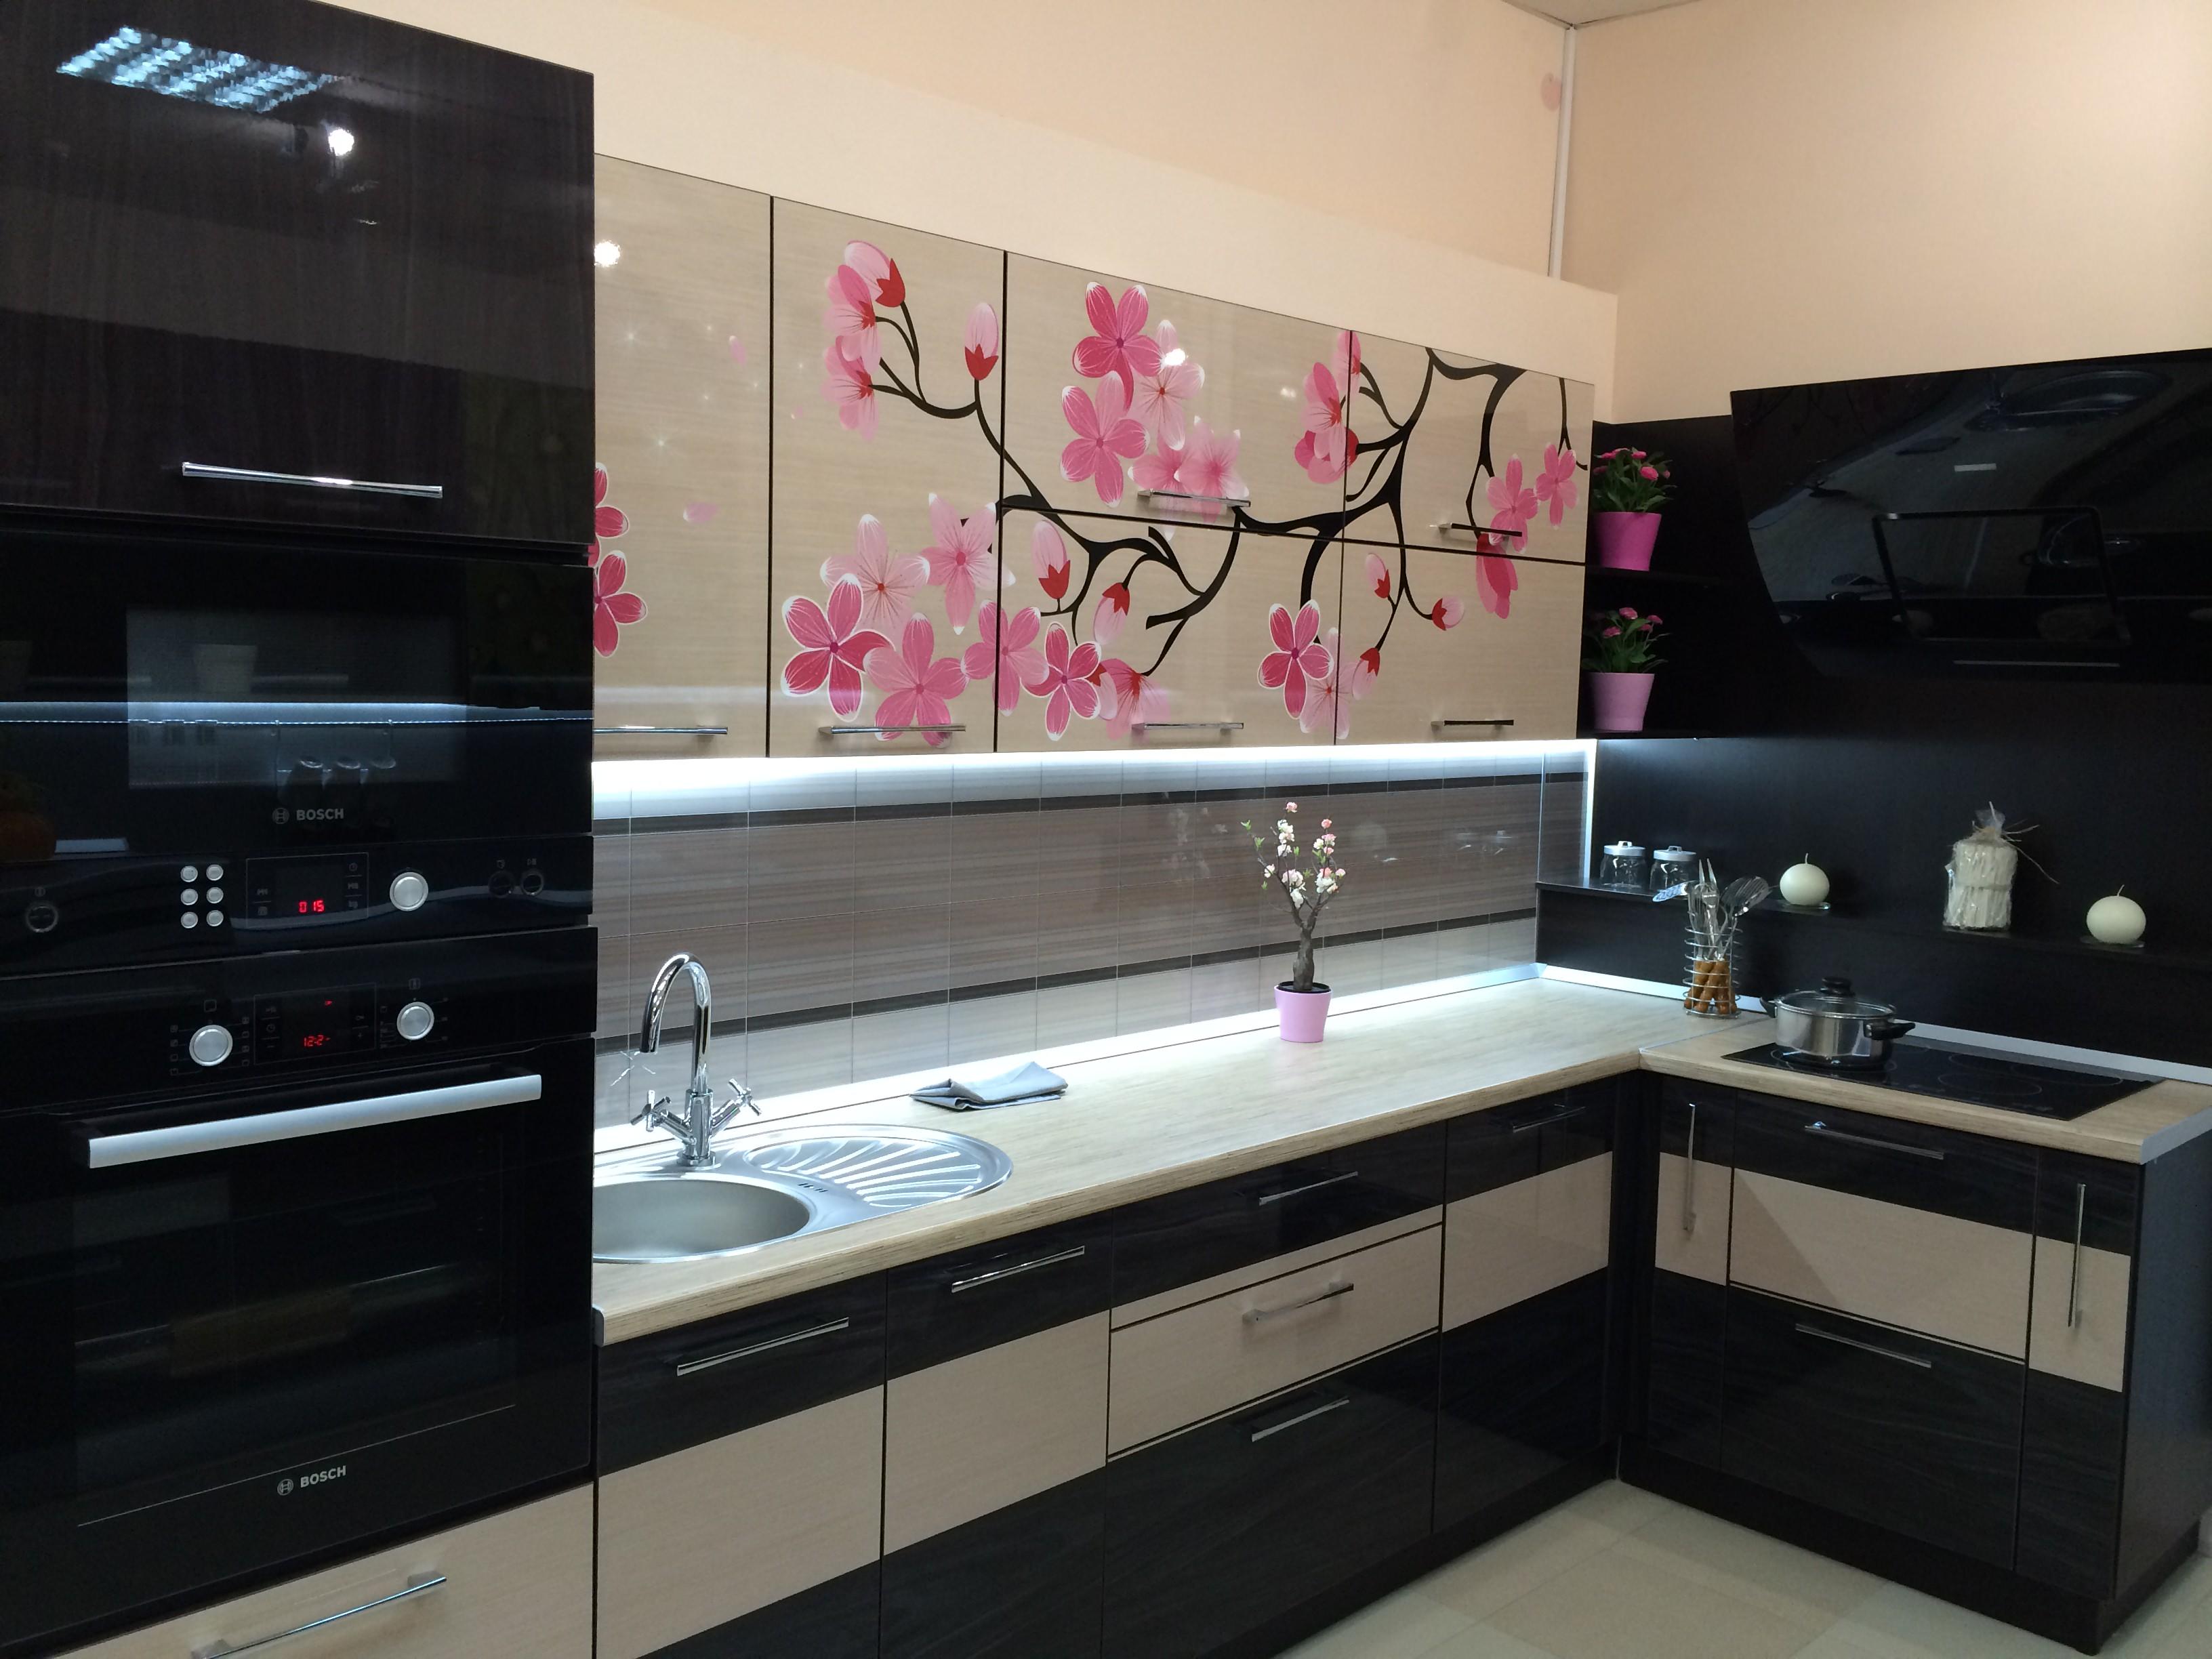 Артишок николаев, кухня черная в цветок купить алматы